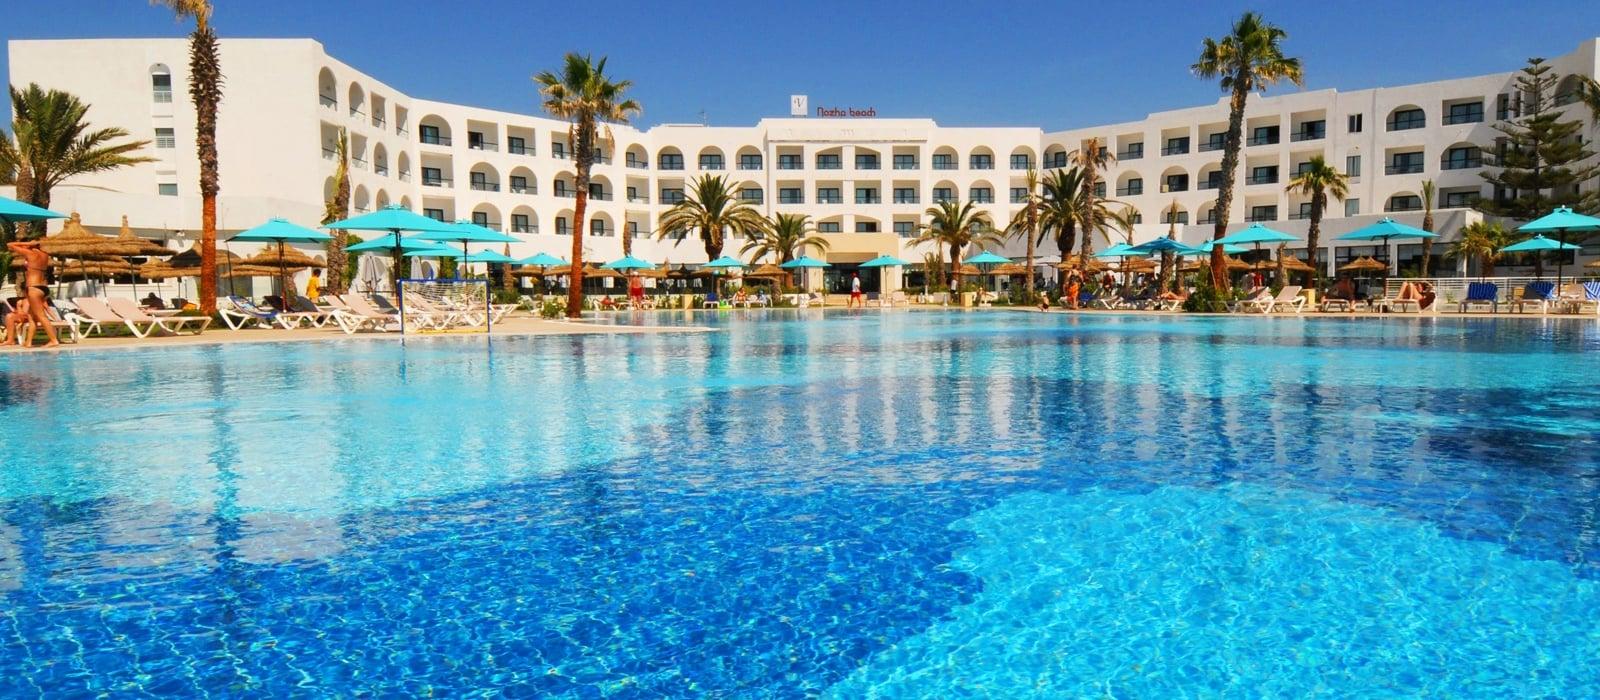 Pool unter freiem Himmel - Hamammet Nozha Beach Hotel